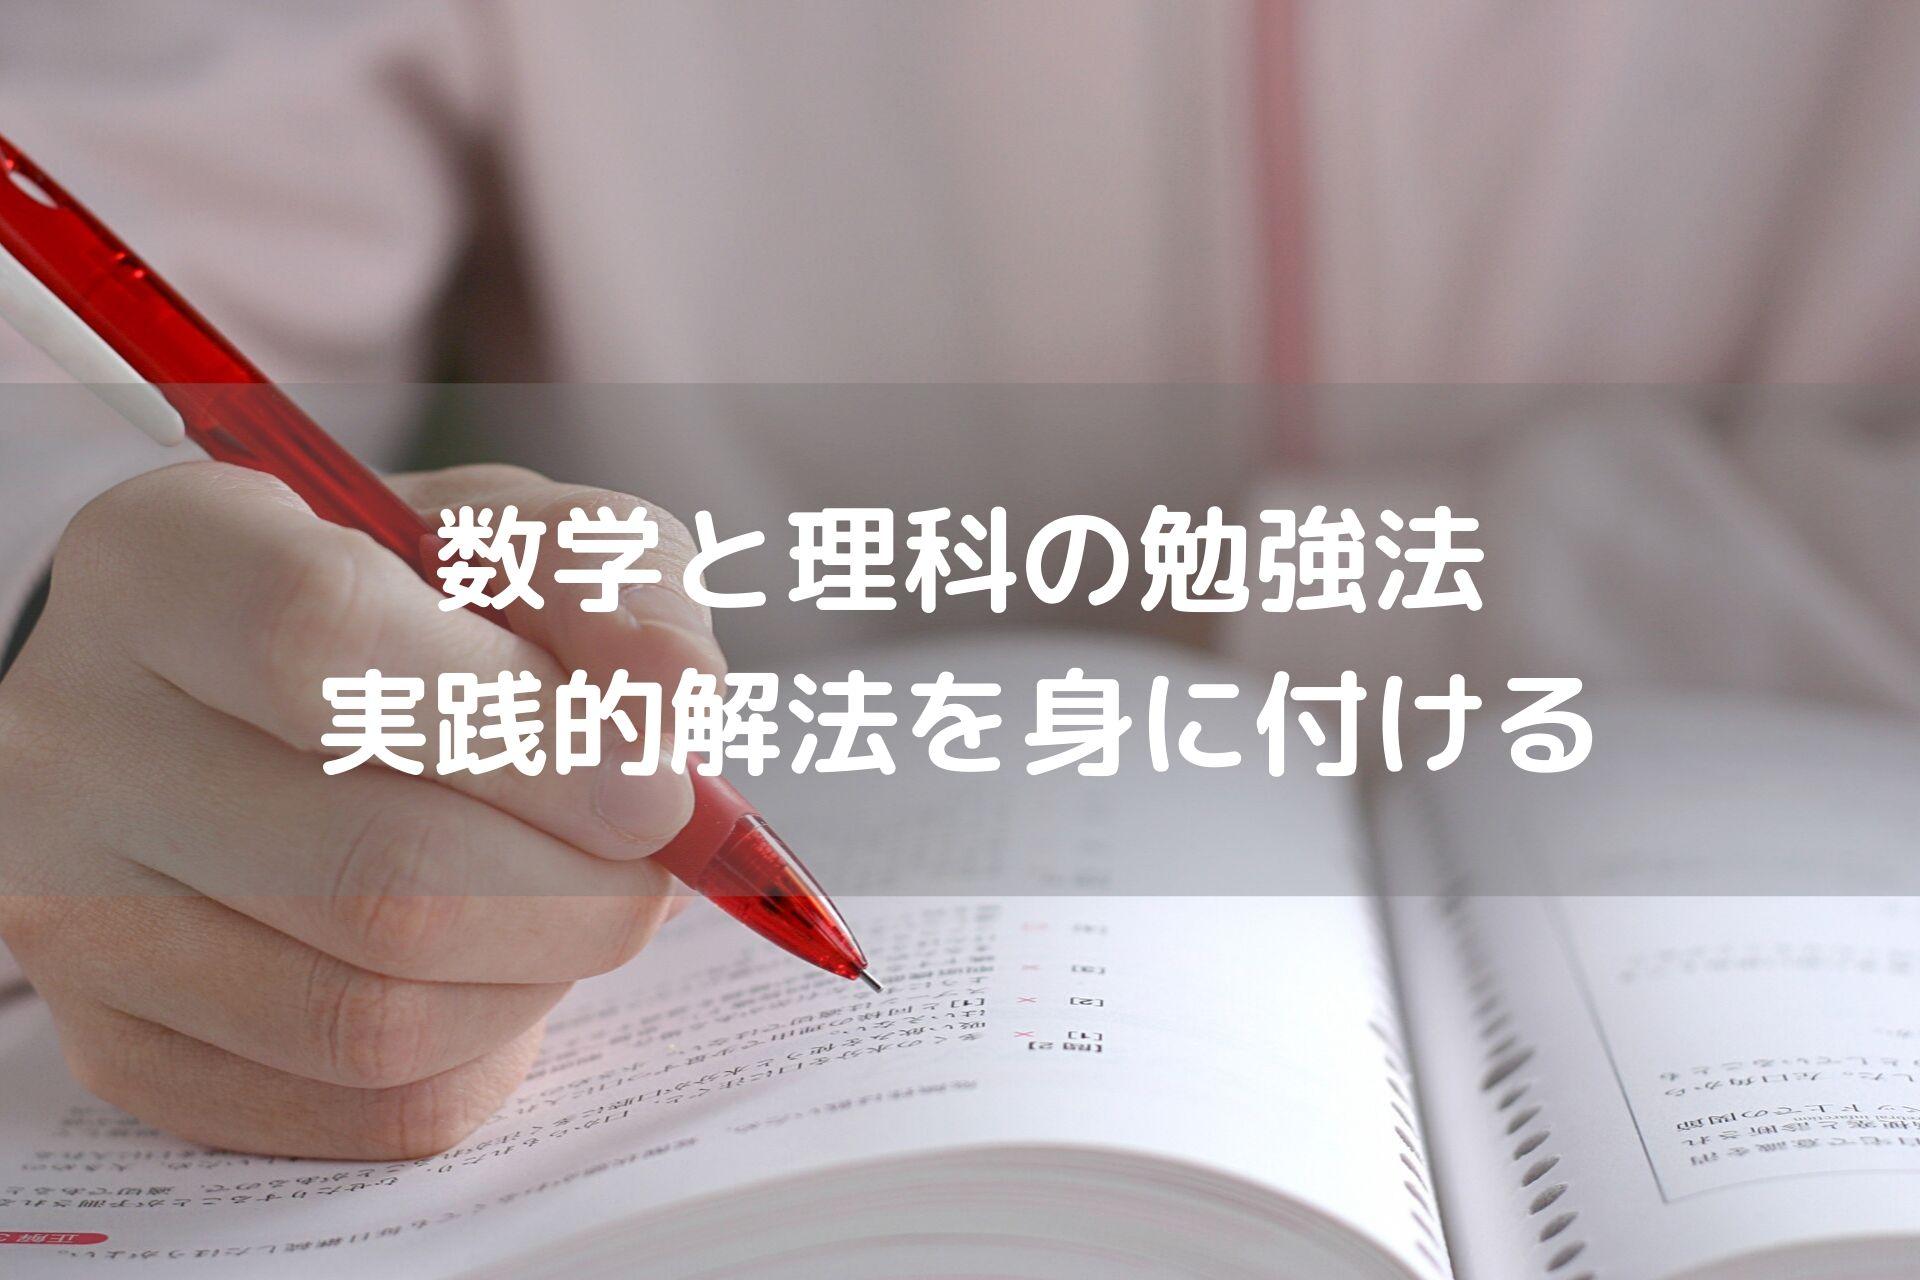 高専の勉強法で数学と理科は実践的解法を身に付ける